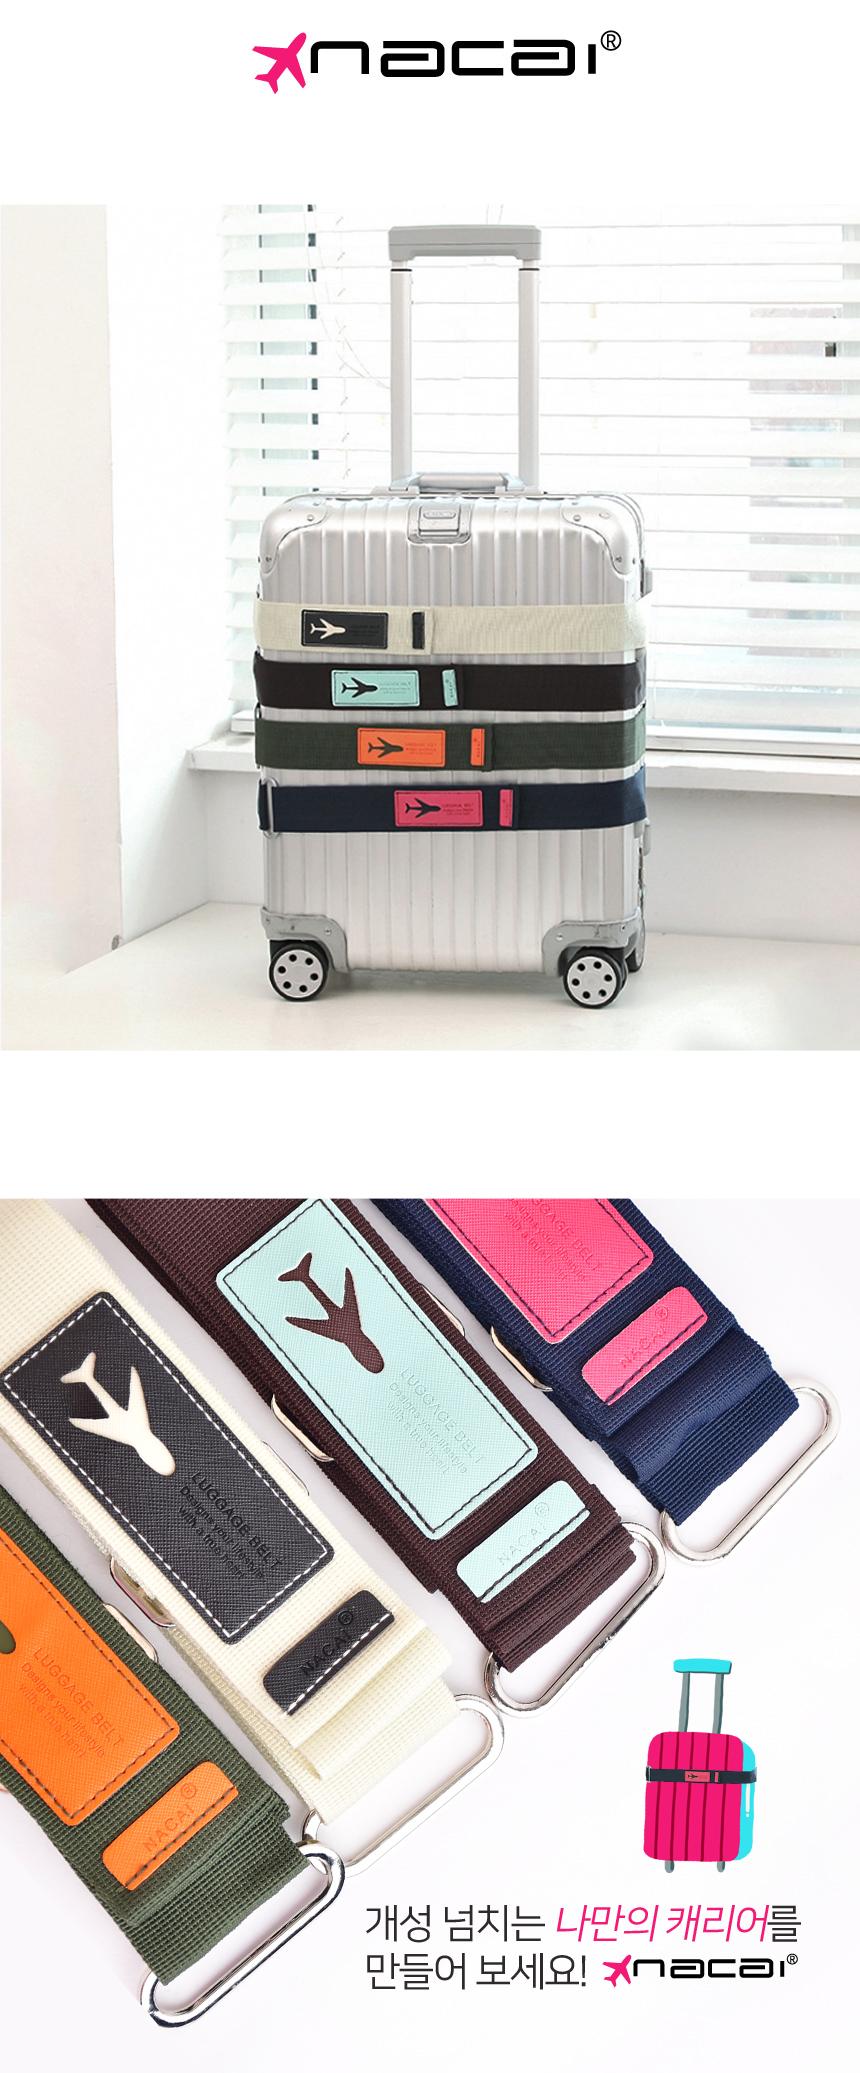 nacai 8098 캐리어벨트 여행가방벨트 - 바오마루, 8,500원, 편의용품, 기타 여행용품